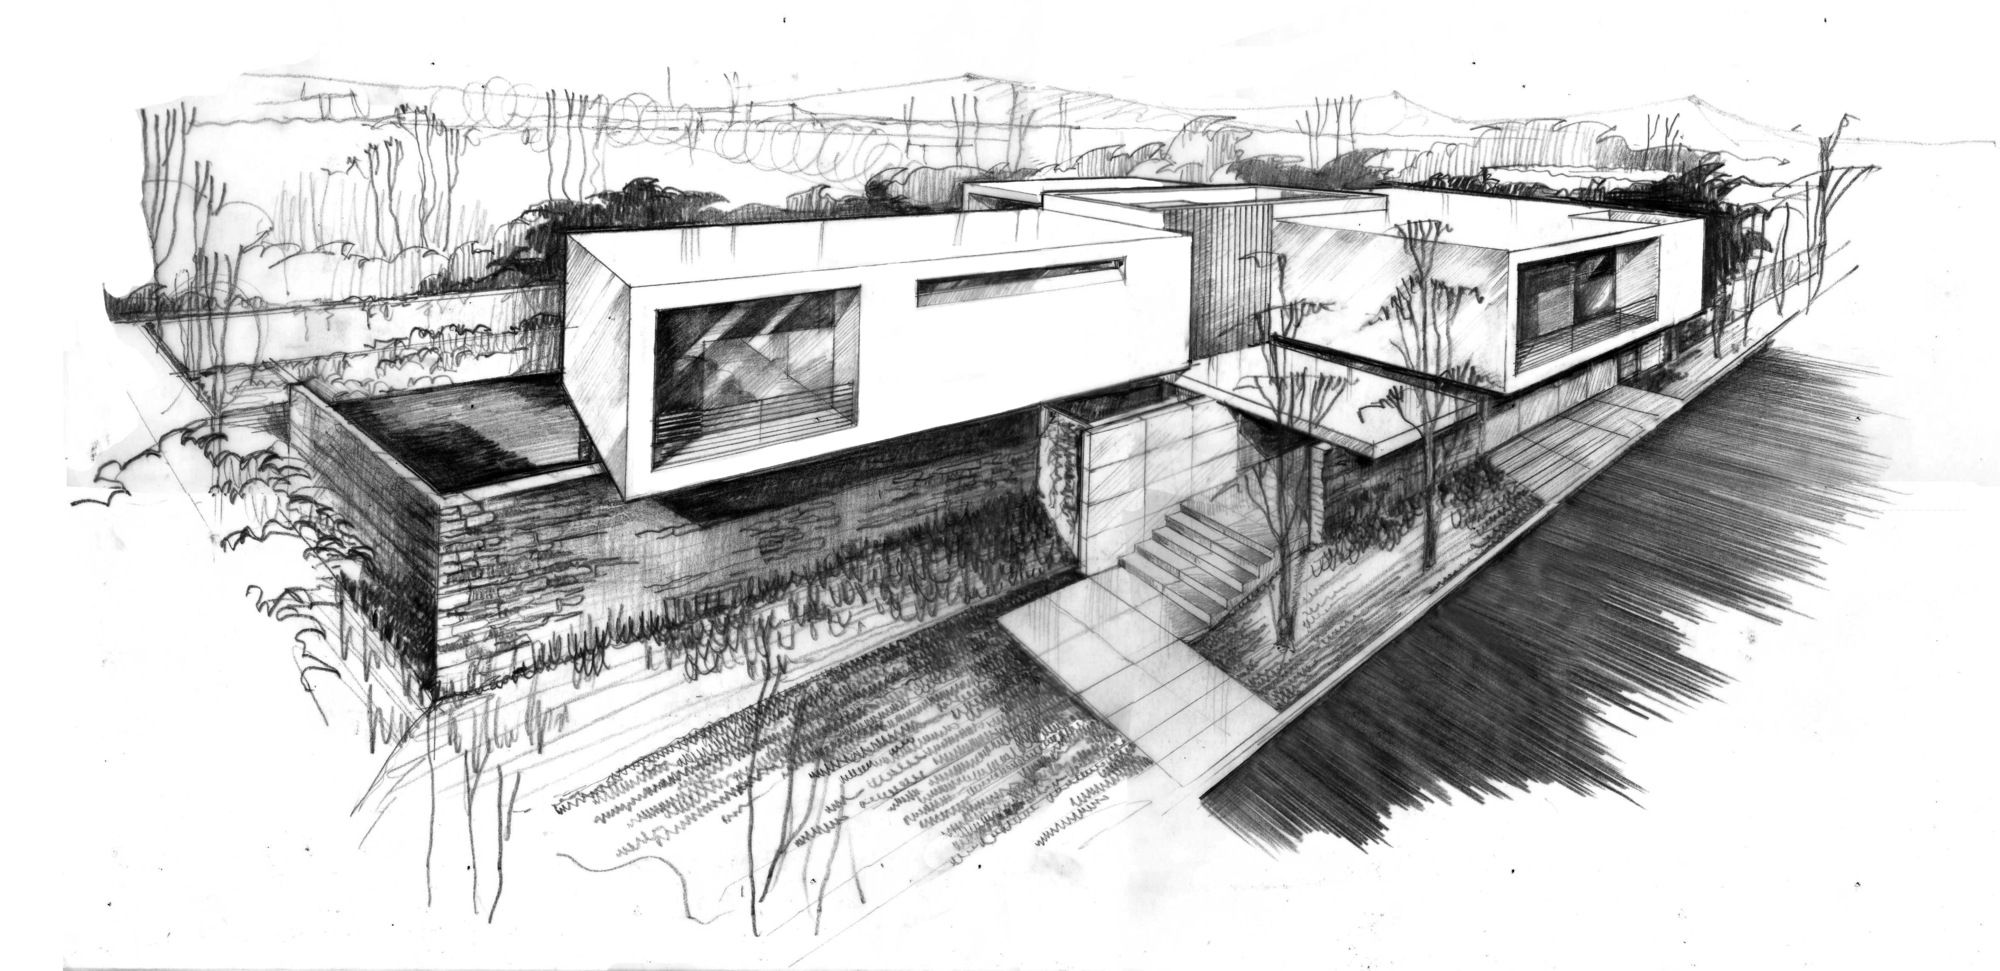 Galería de Casa Roja / Hernández Silva Arquitectos - 33 | Dibujo  arquitectonico, Ilustración de arquitectura, Boceto arquitectónico